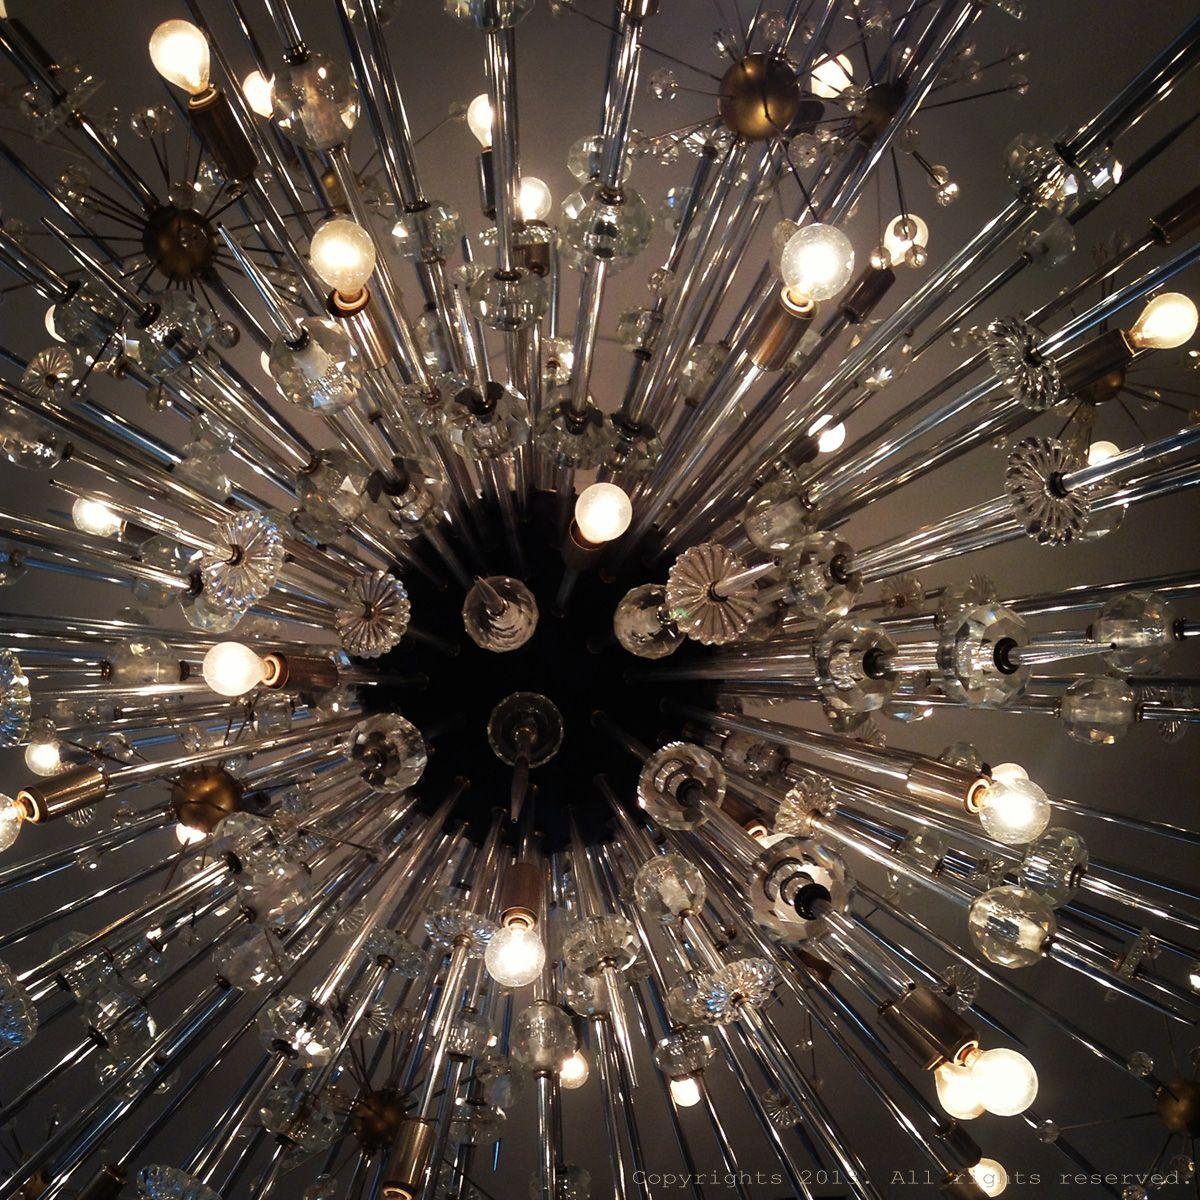 Chandelier at The Met.